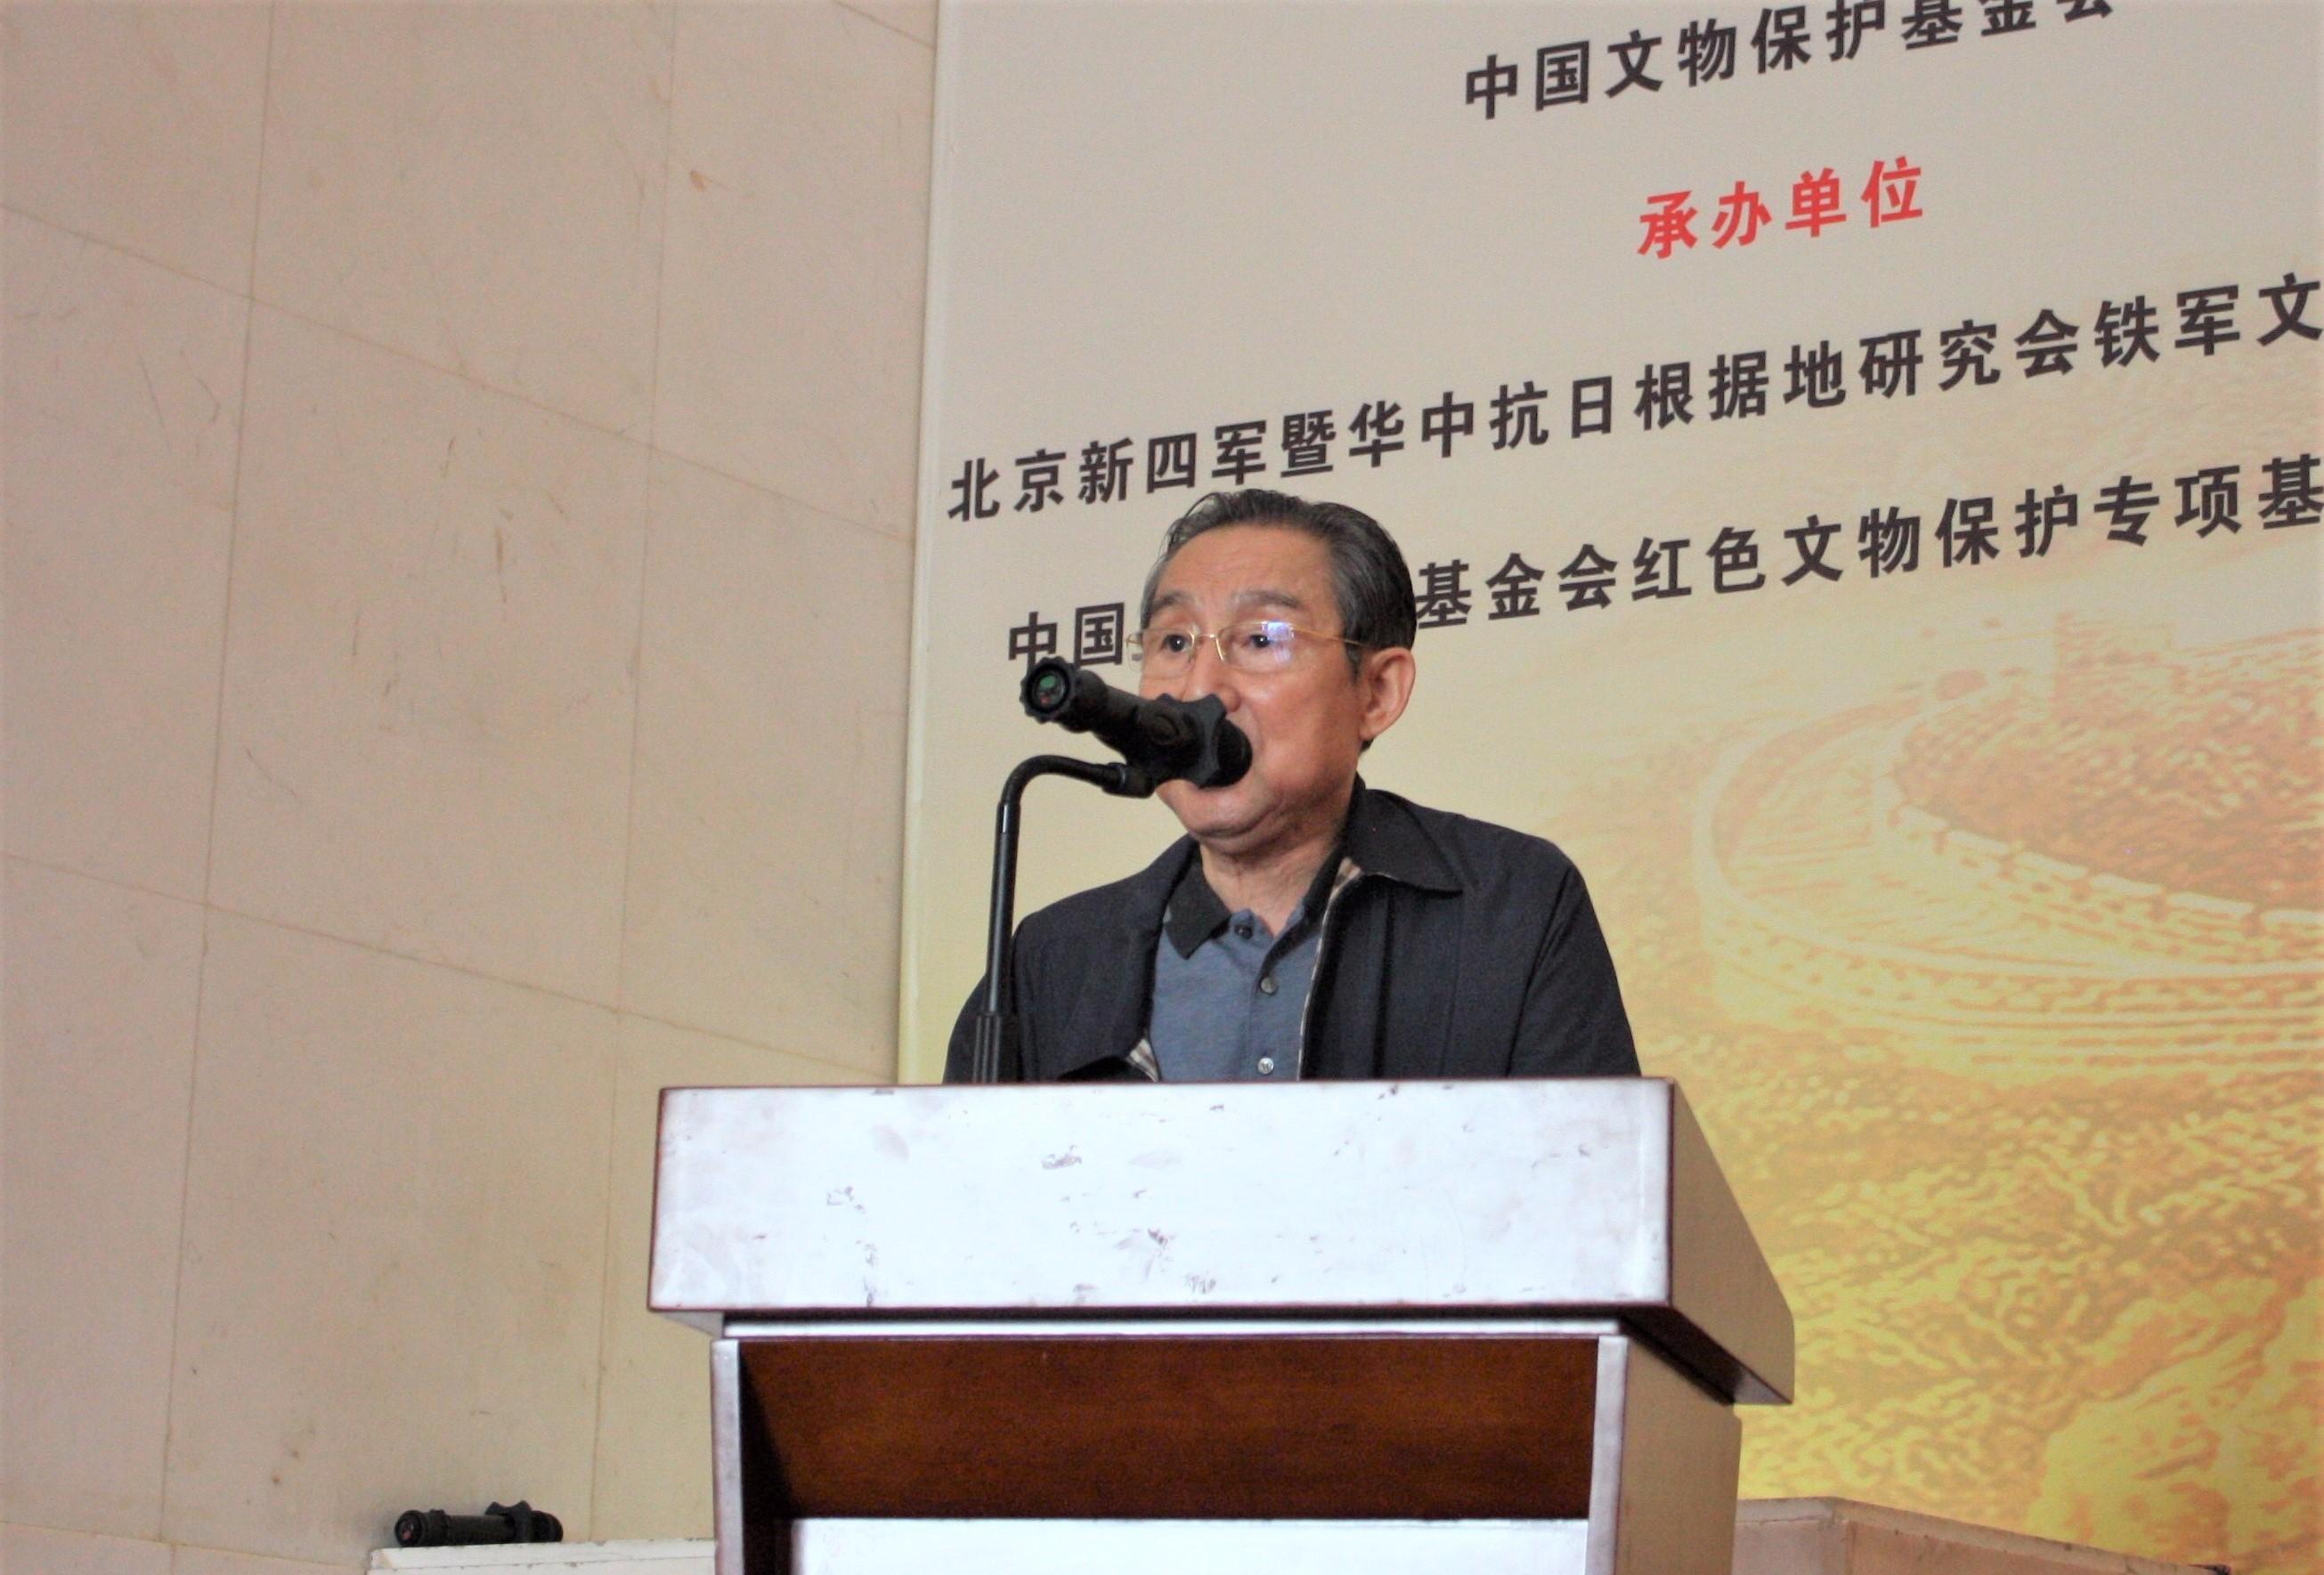 新四军将领彭雪枫之子、原第二炮兵政委彭小枫上将宣布书画展和笔会.JPG